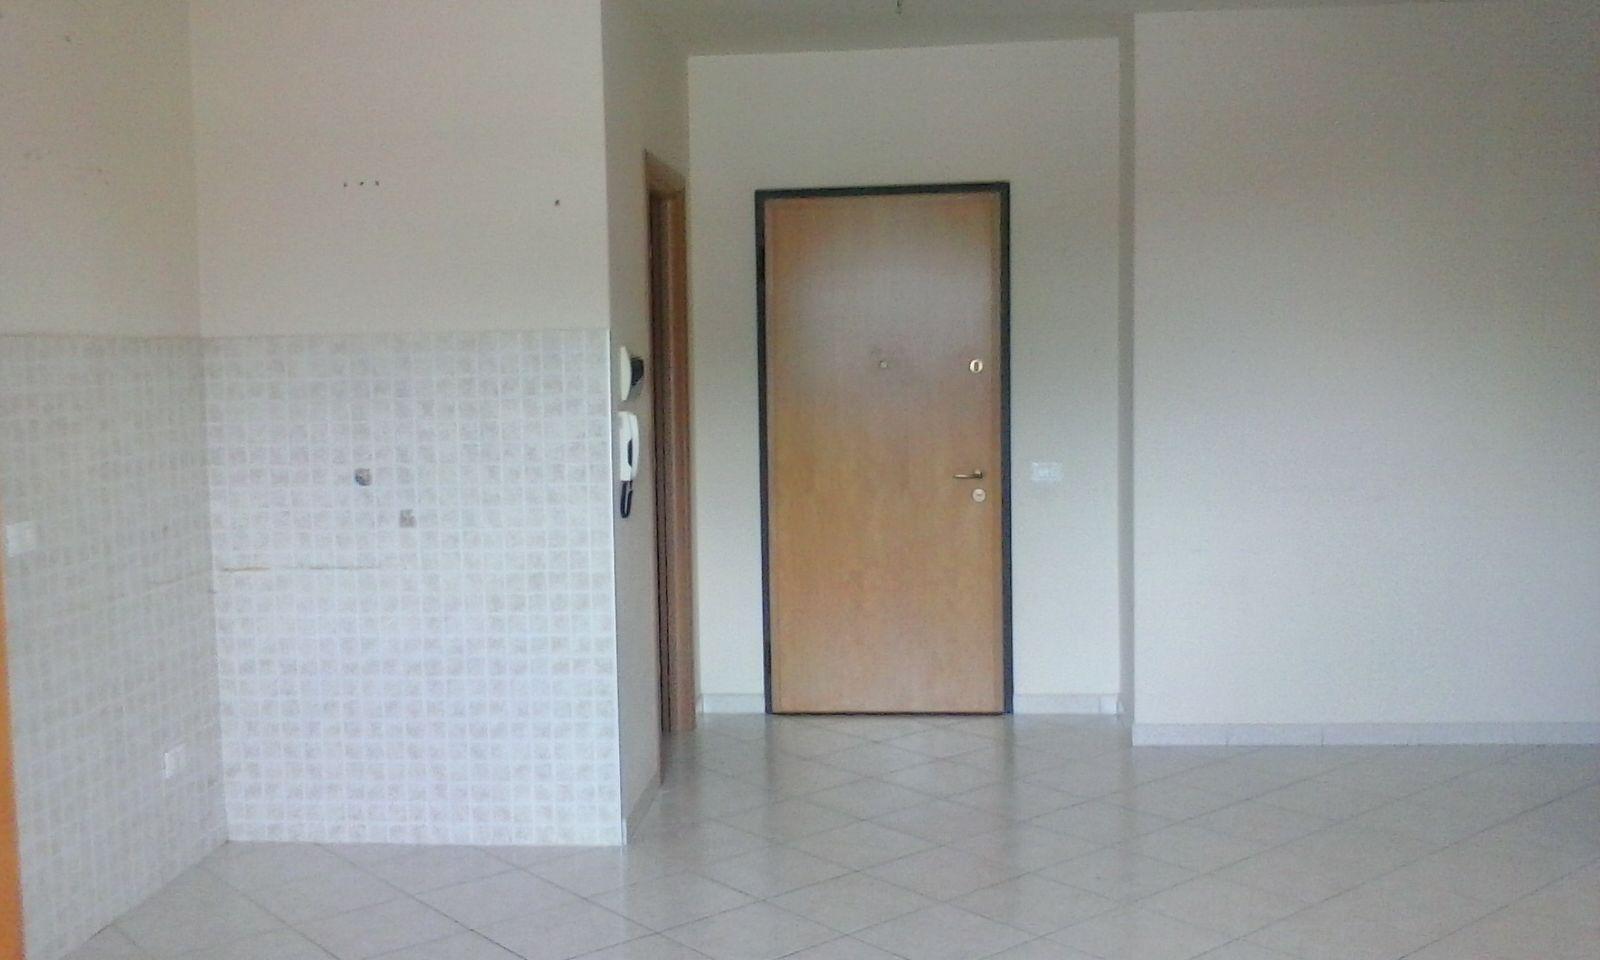 Appartamento in affitto a Gambassi Terme, 3 locali, zona Località: CaseNuove, prezzo € 450 | Cambio Casa.it